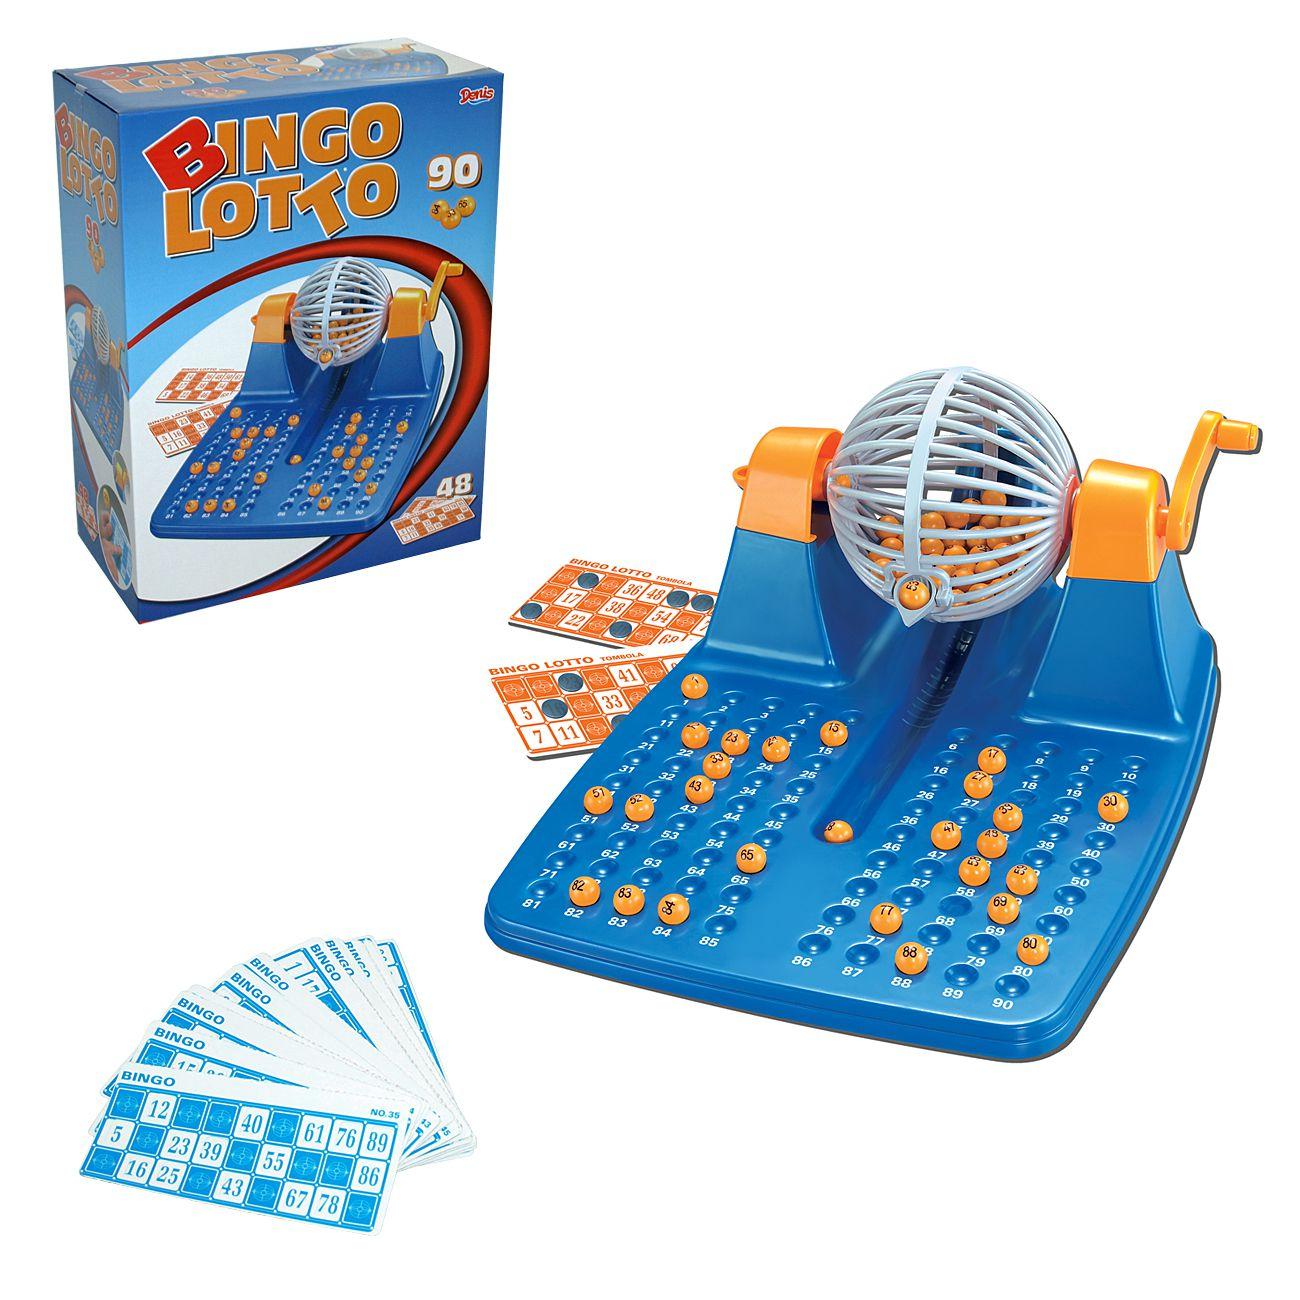 Bingo Lotto, družabna igra